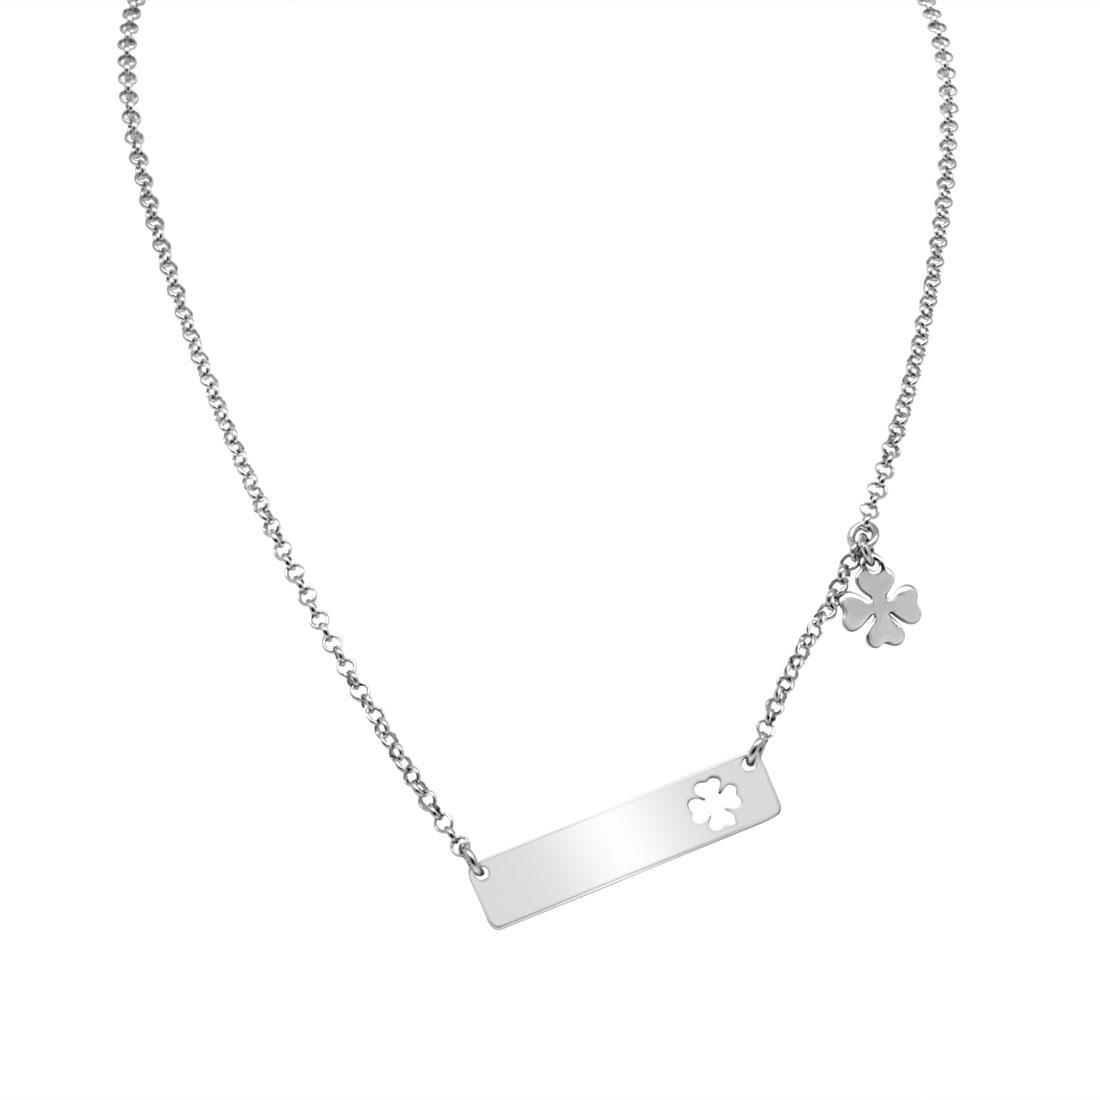 Collana in argento 925 - ORO&CO 925